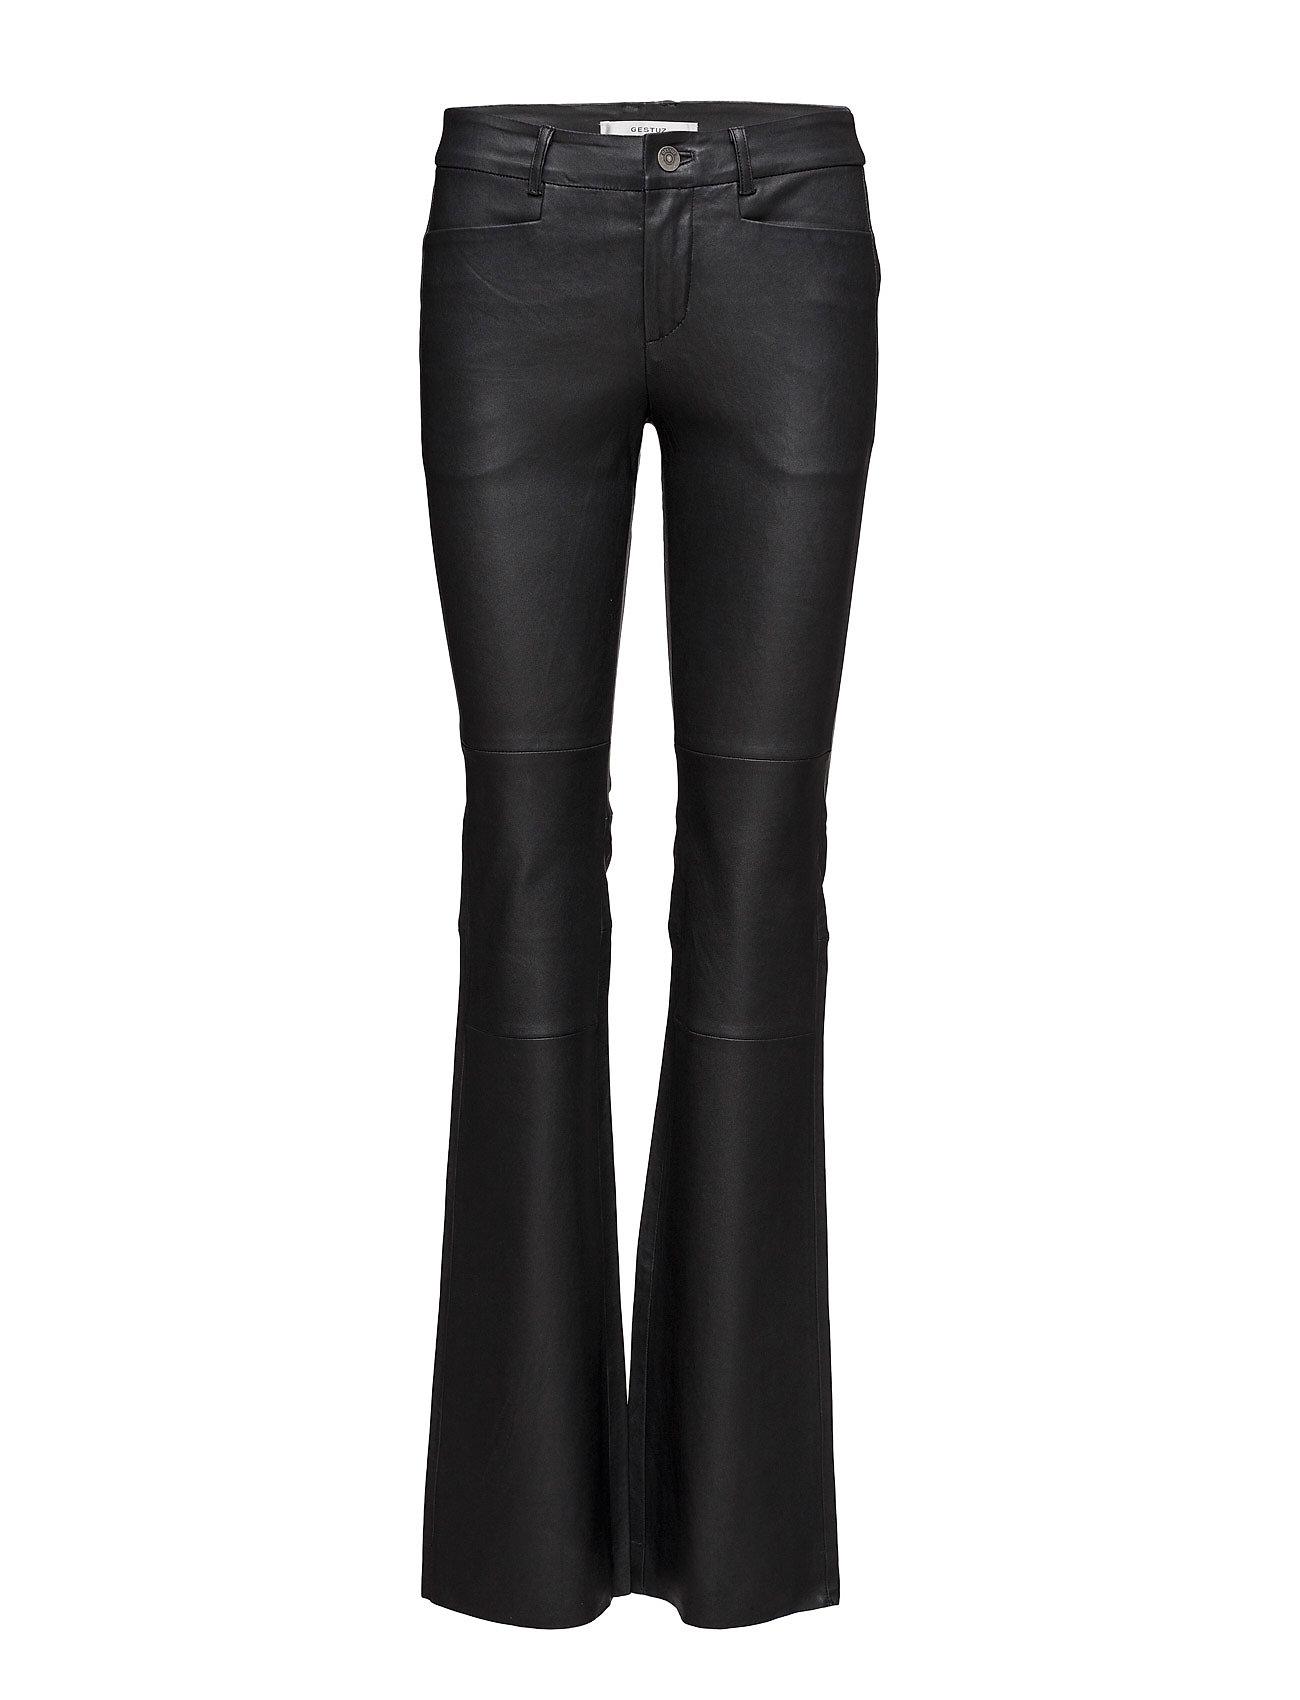 Desmond Pants Gestuz Læder leggins & bukser til Kvinder i Sort